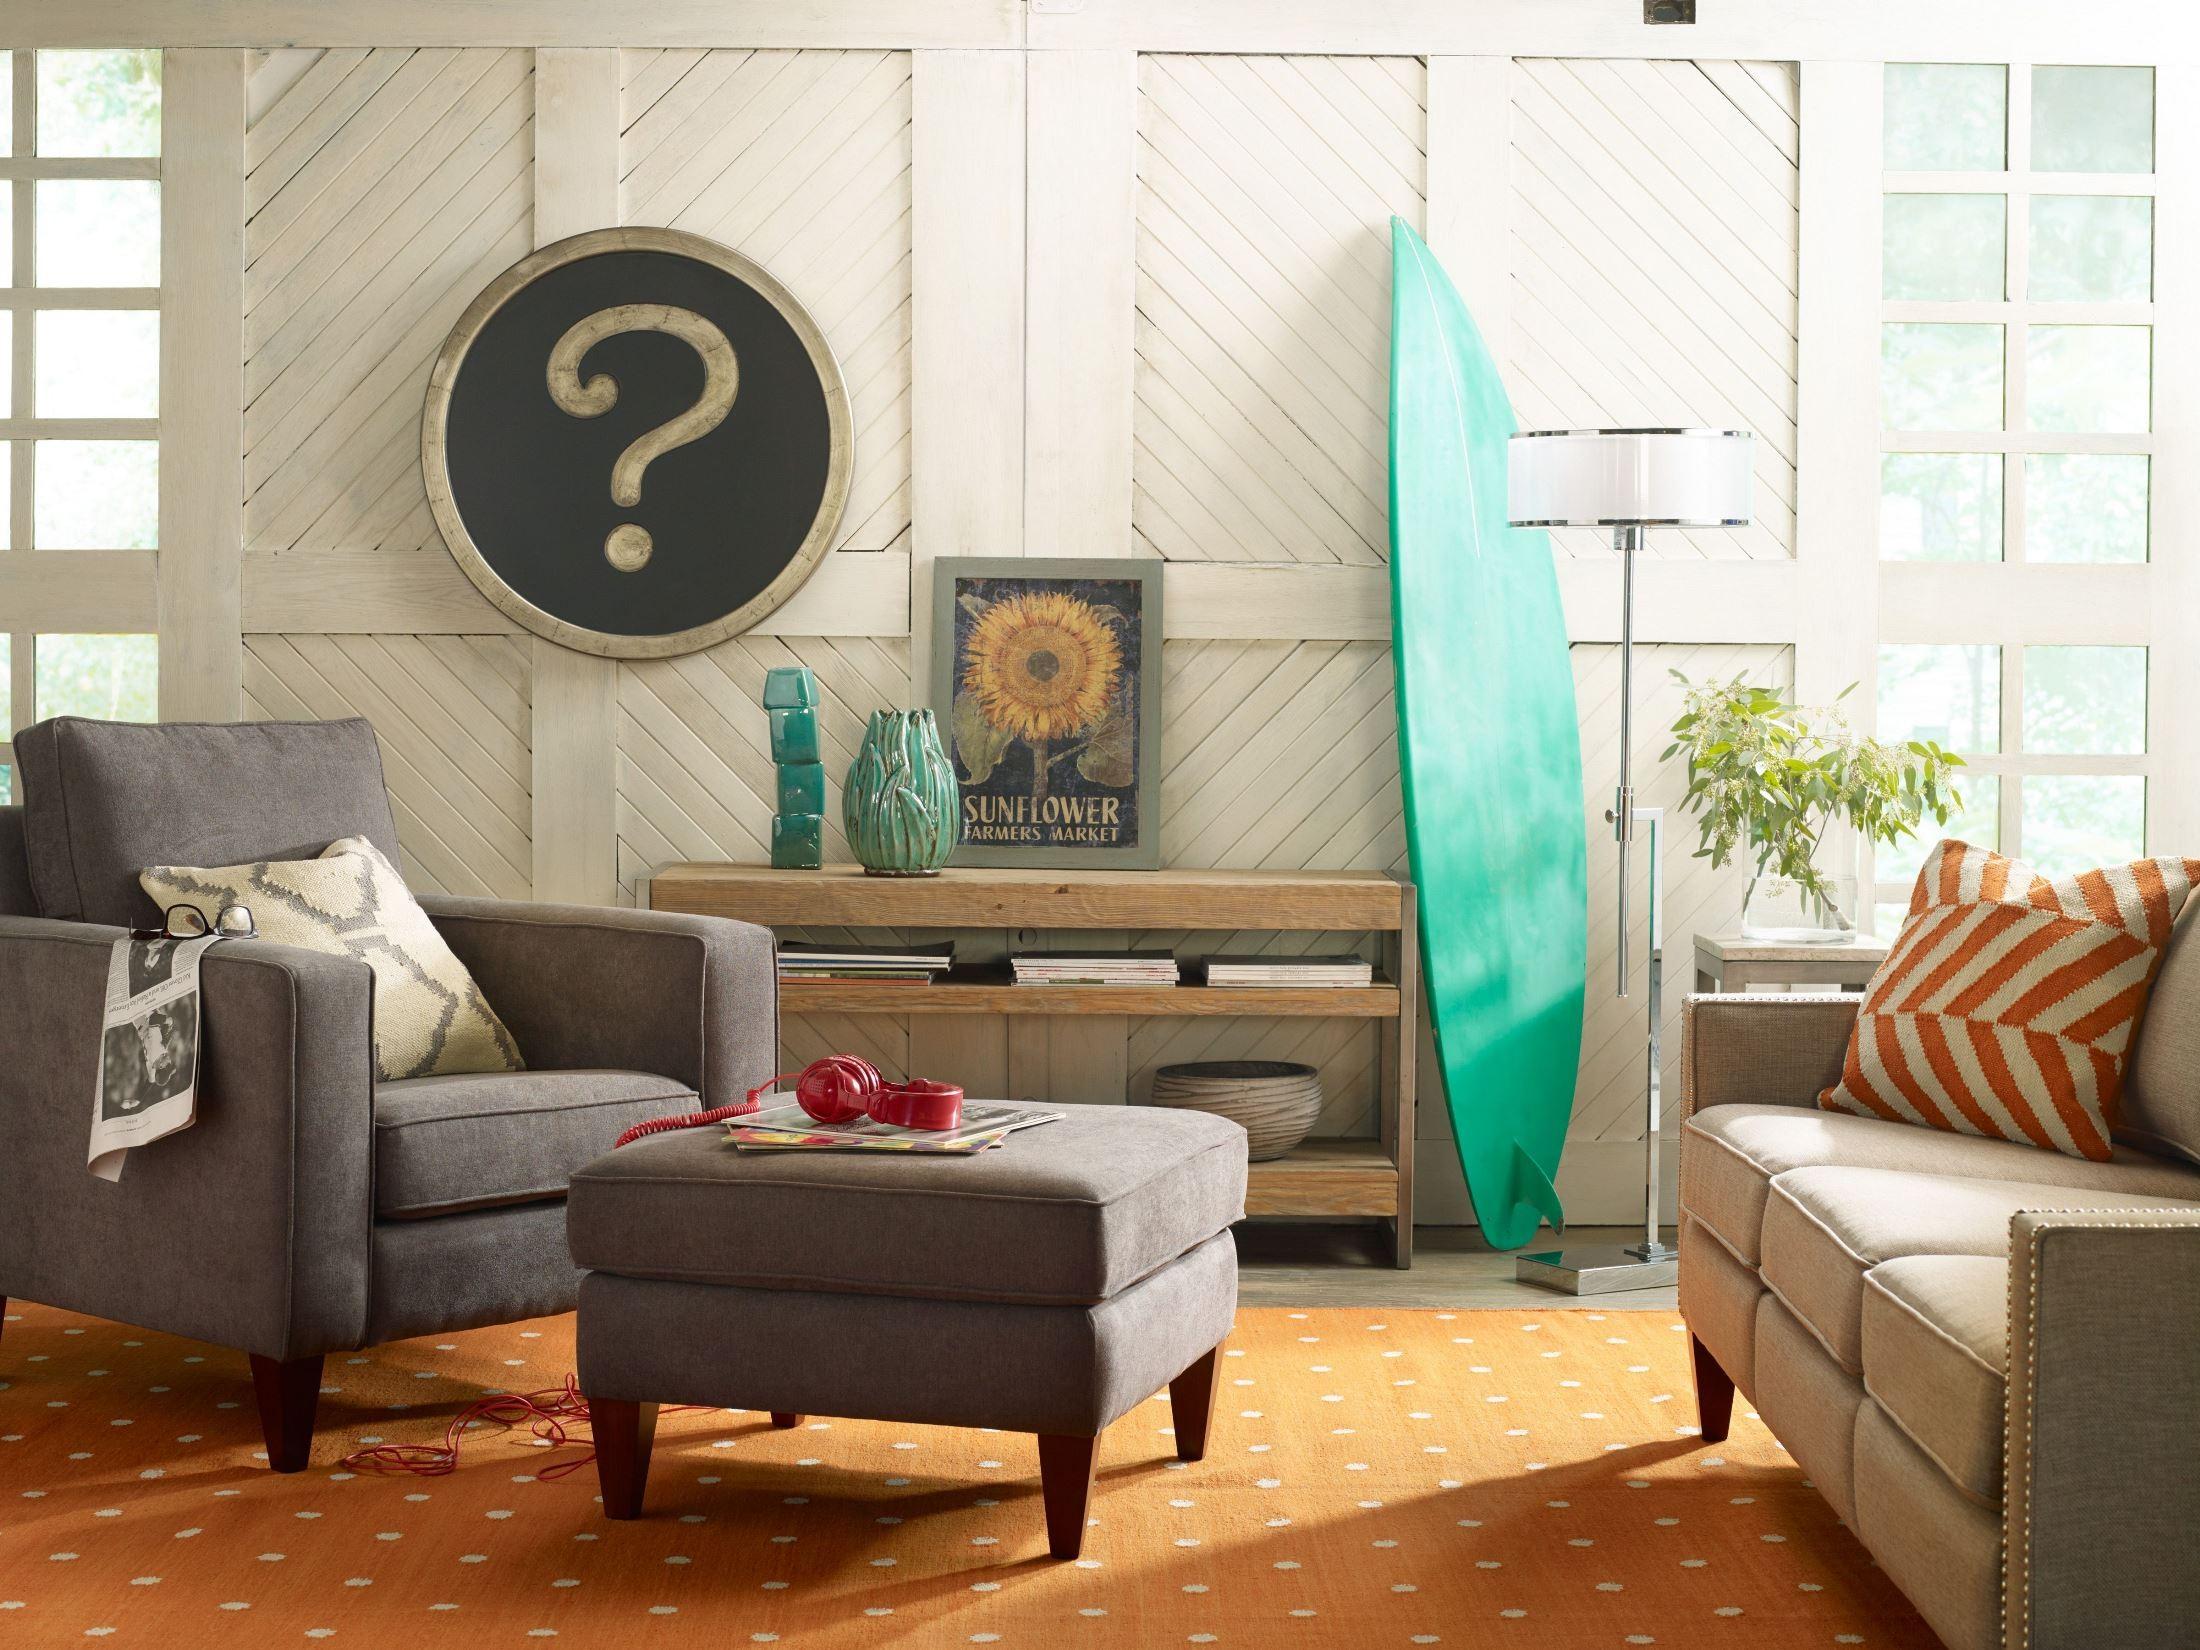 Parker Carbon Living Room Set HW1503 02 14GRISSO Hooker